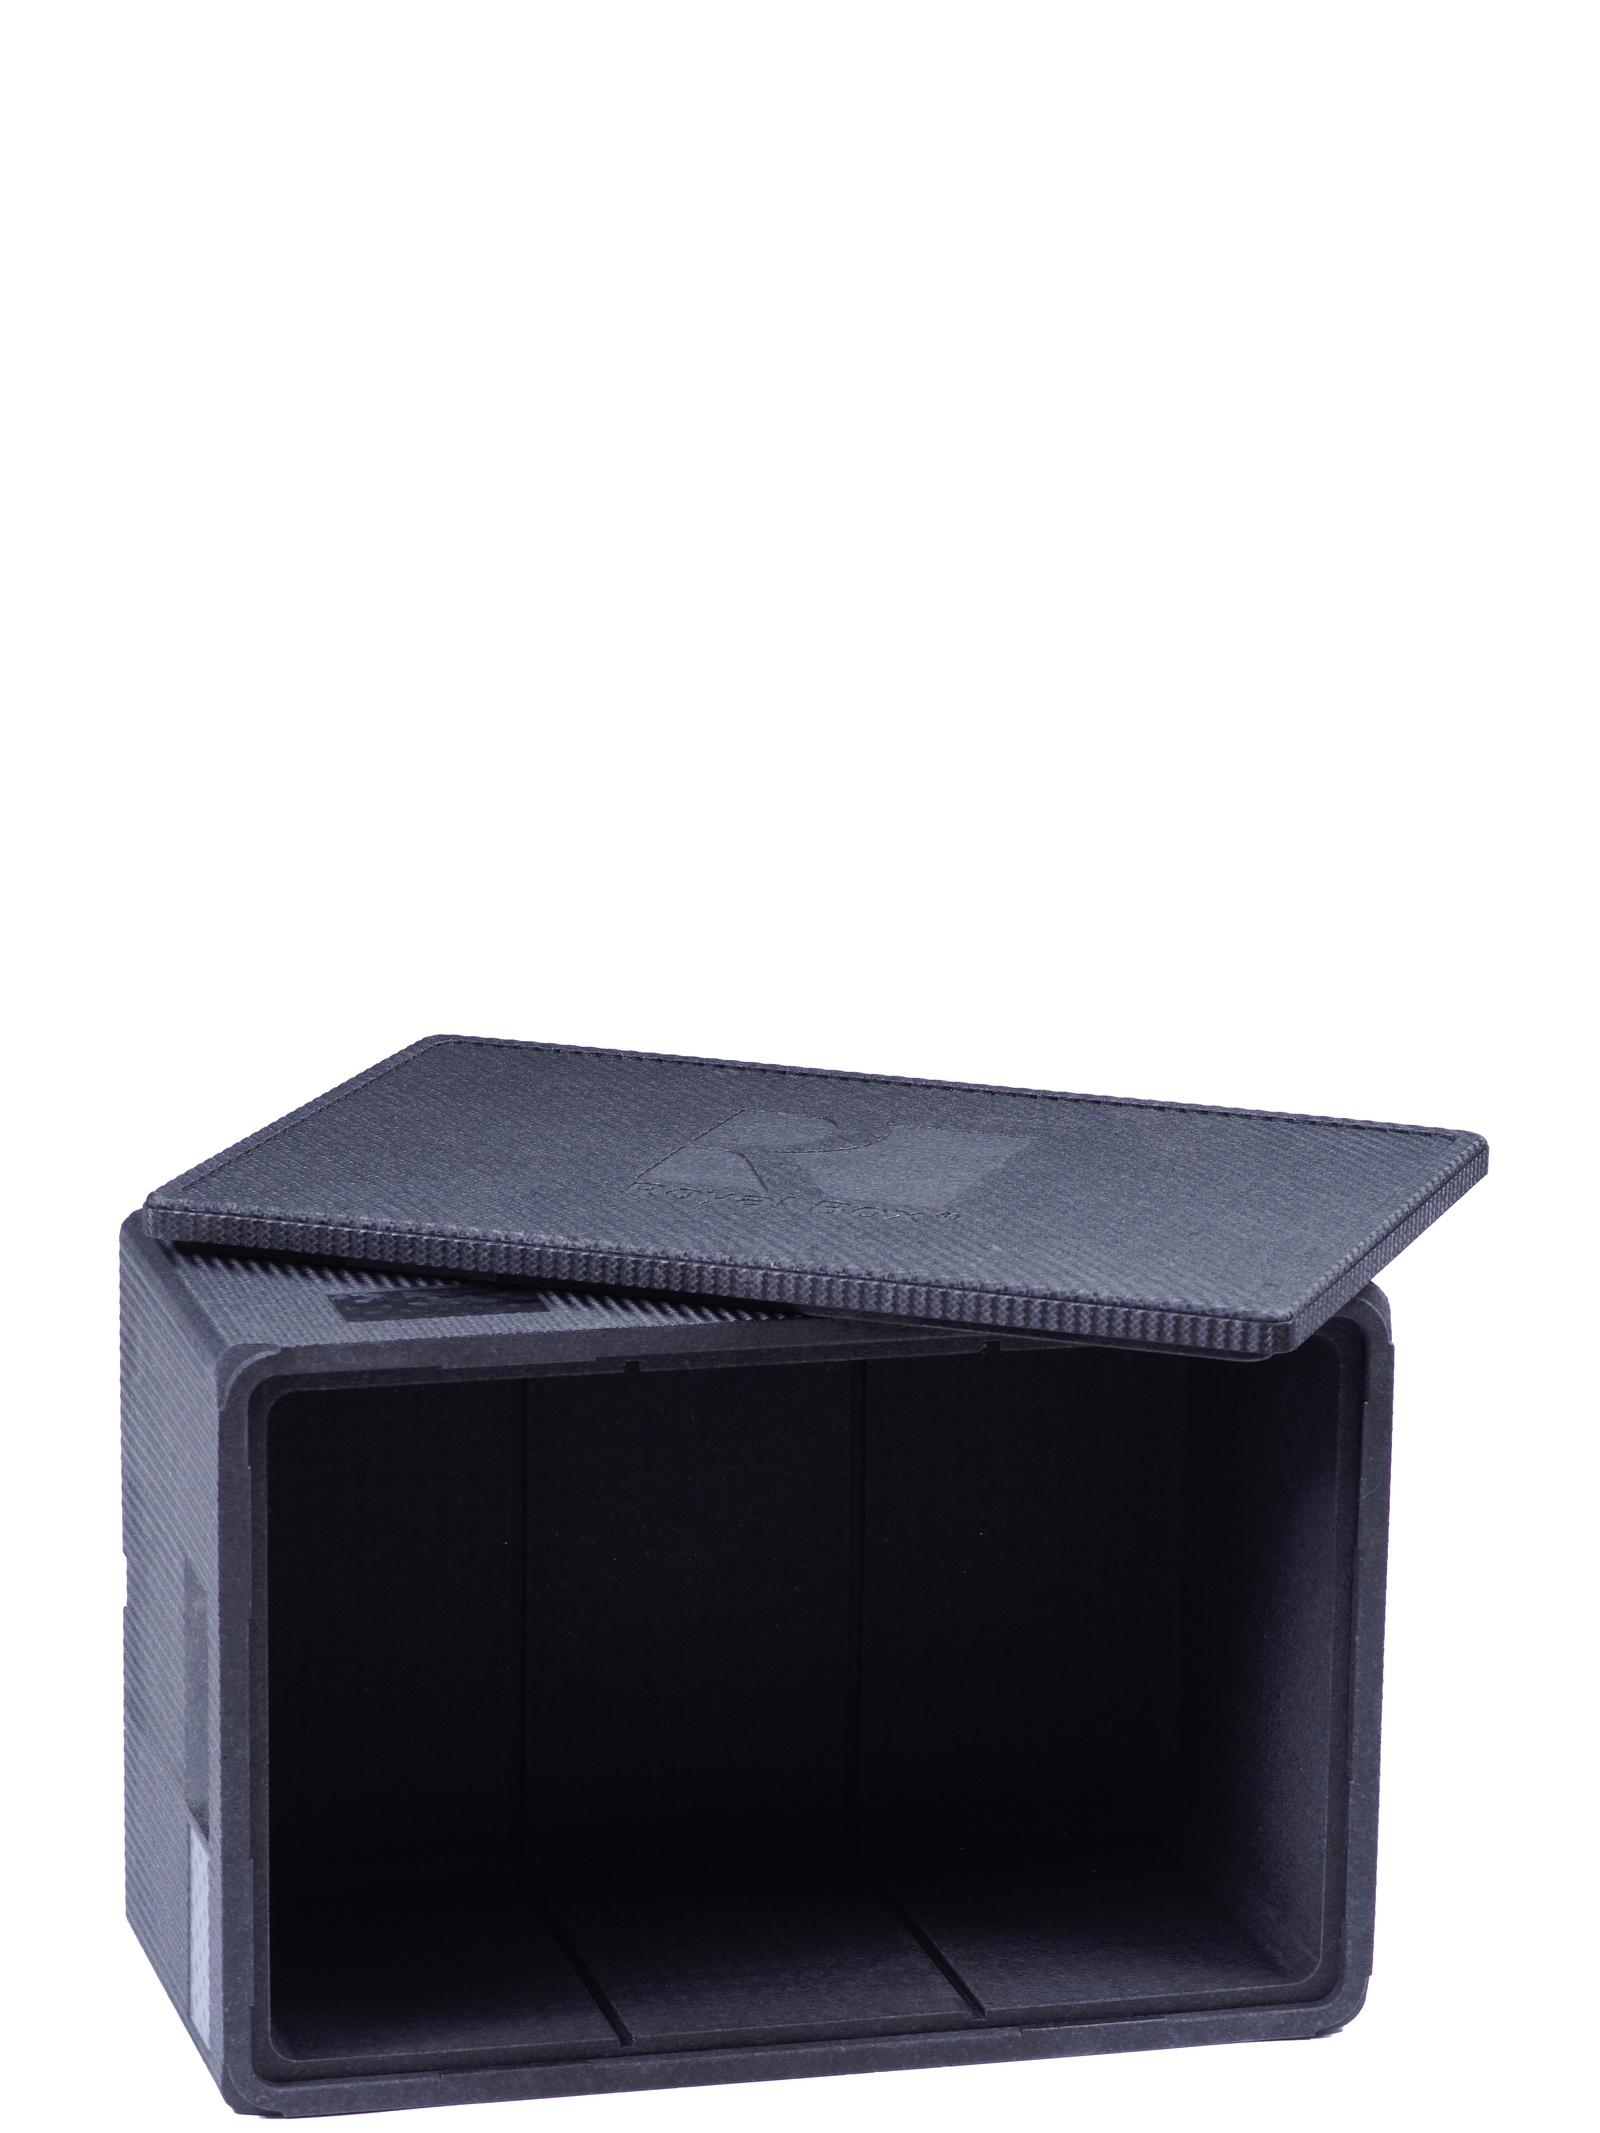 Изотермический контейнер Royal Box Unique черный, 42л